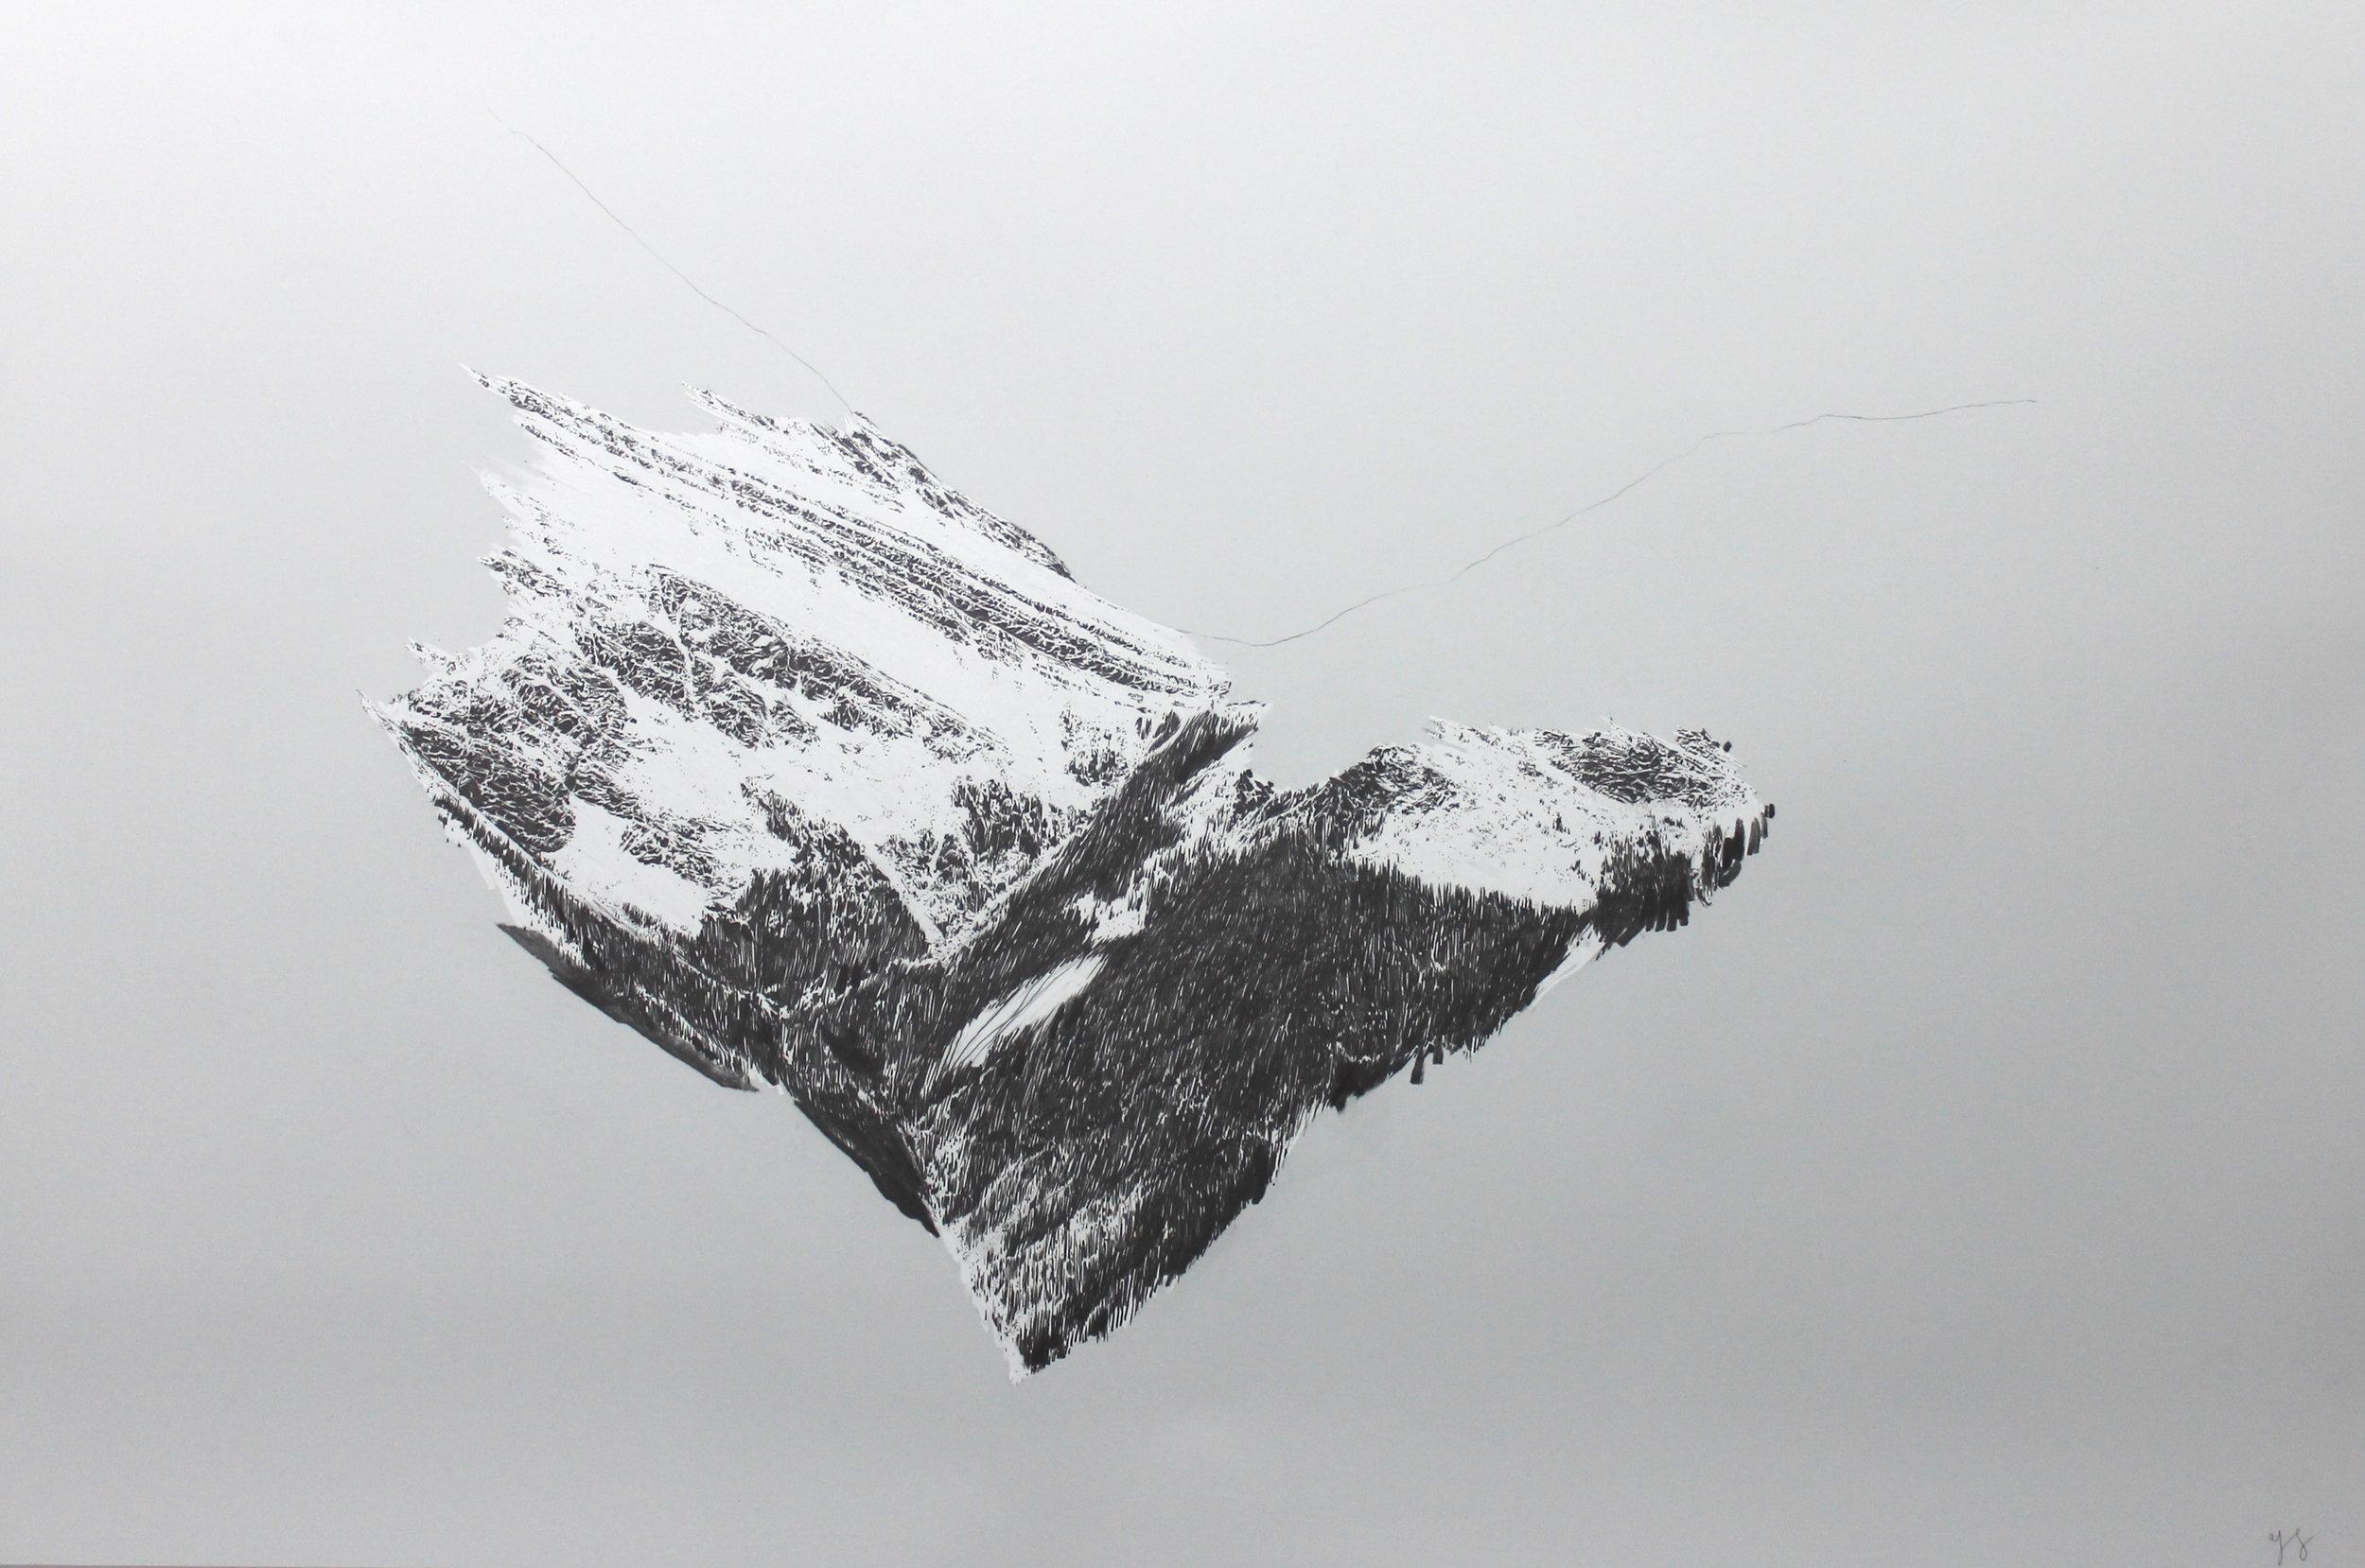 Treeline, 2018